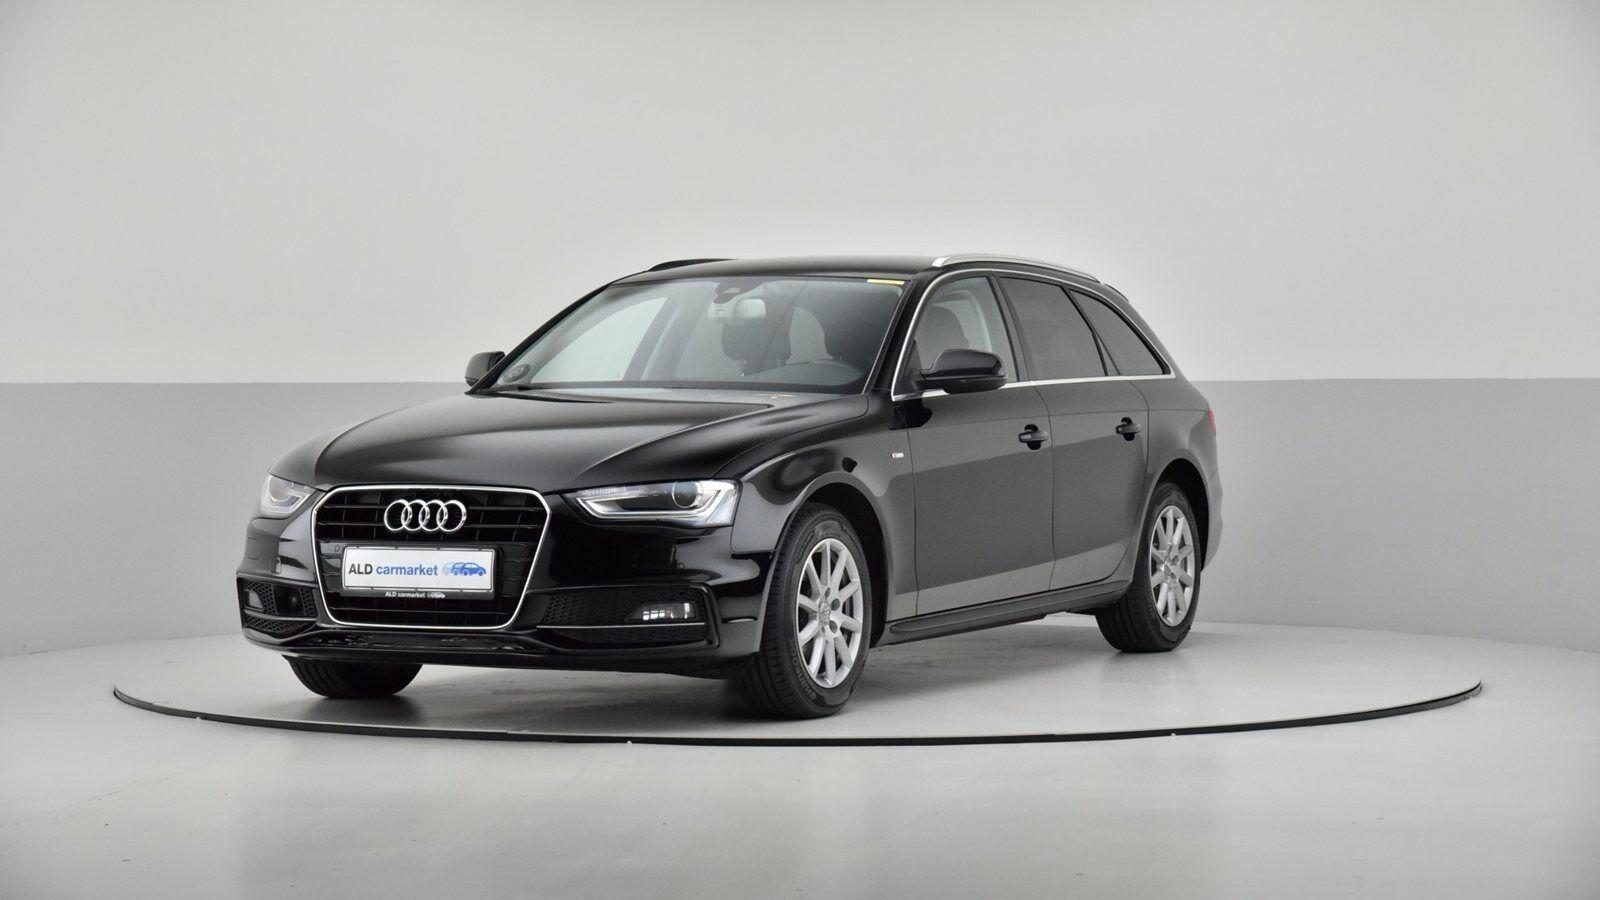 Audi A4 2,0 TDi 190 S-line Avant Multitr. 5d - 284.000 kr.